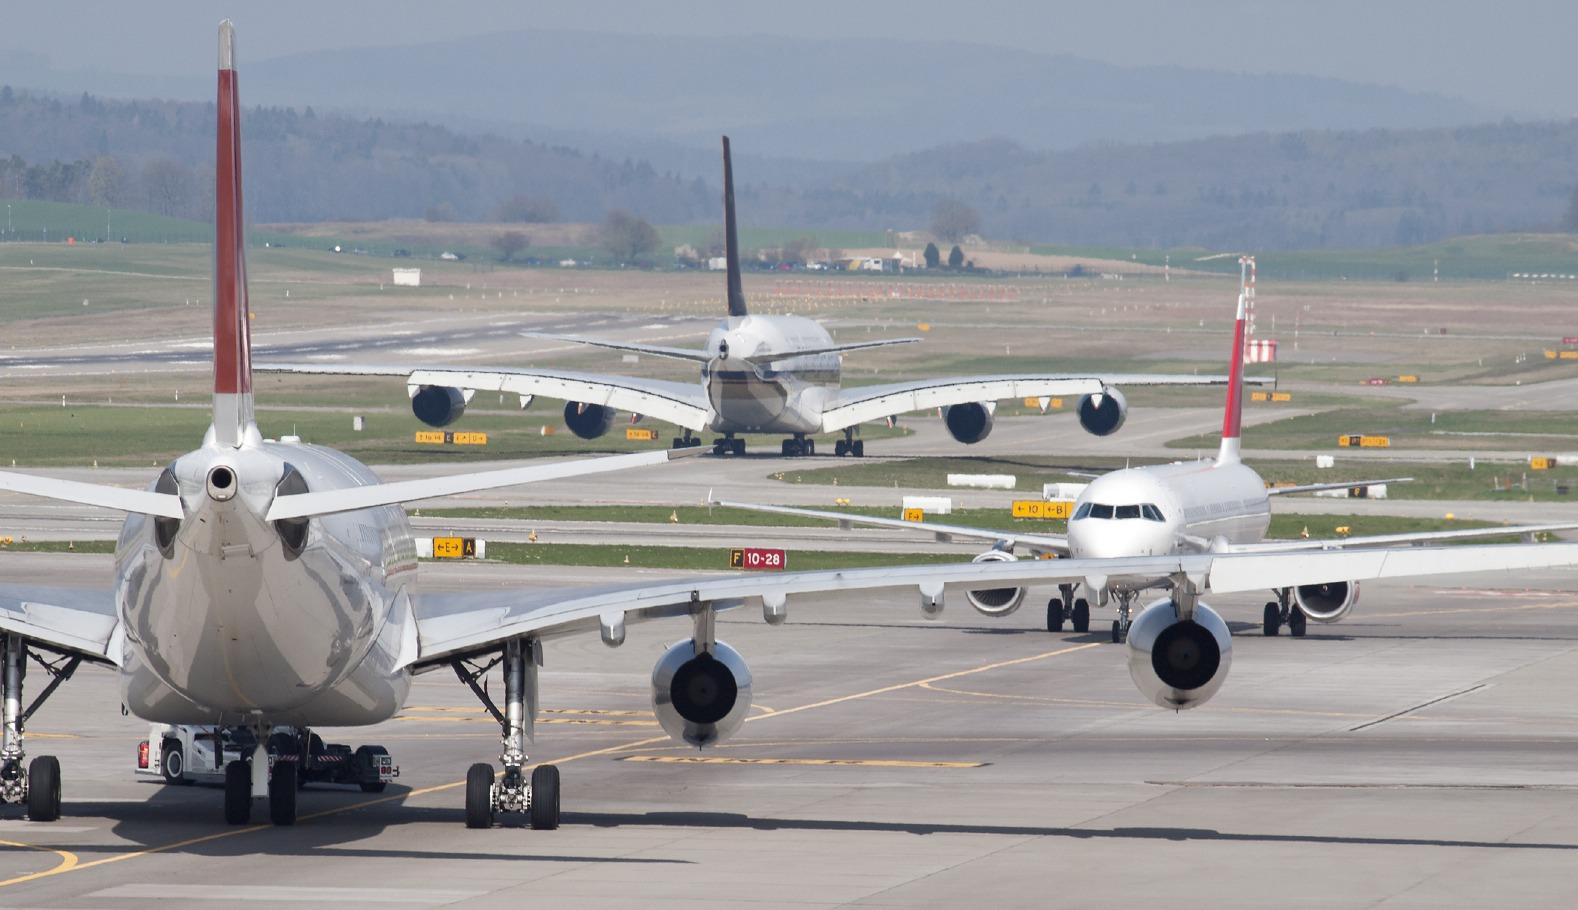 boarding planes